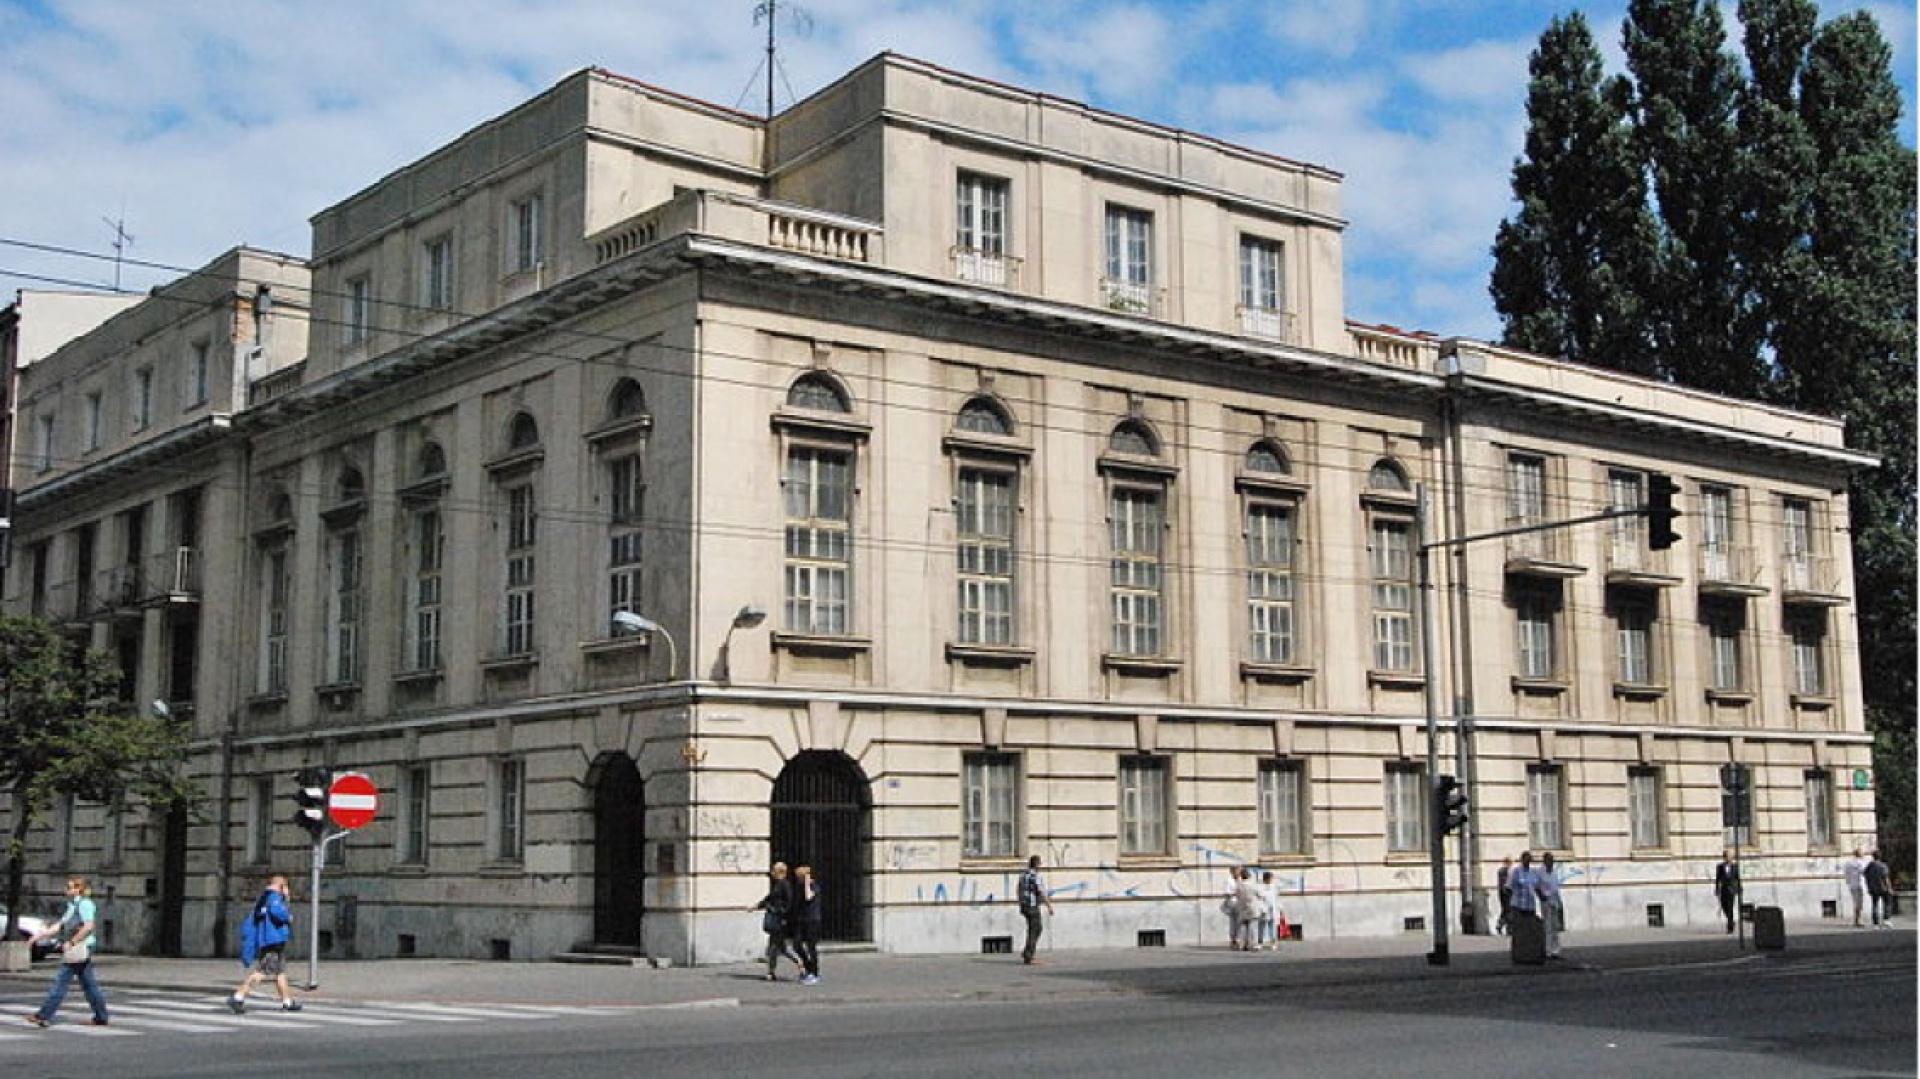 Gmach dawnego Banku Polskiego w Gdyni. Fot: KristofferS, wikimedia.org, licencja: Creative Commons Attribution-Share Alike 3.0 (CC-BY-SA 3.0)